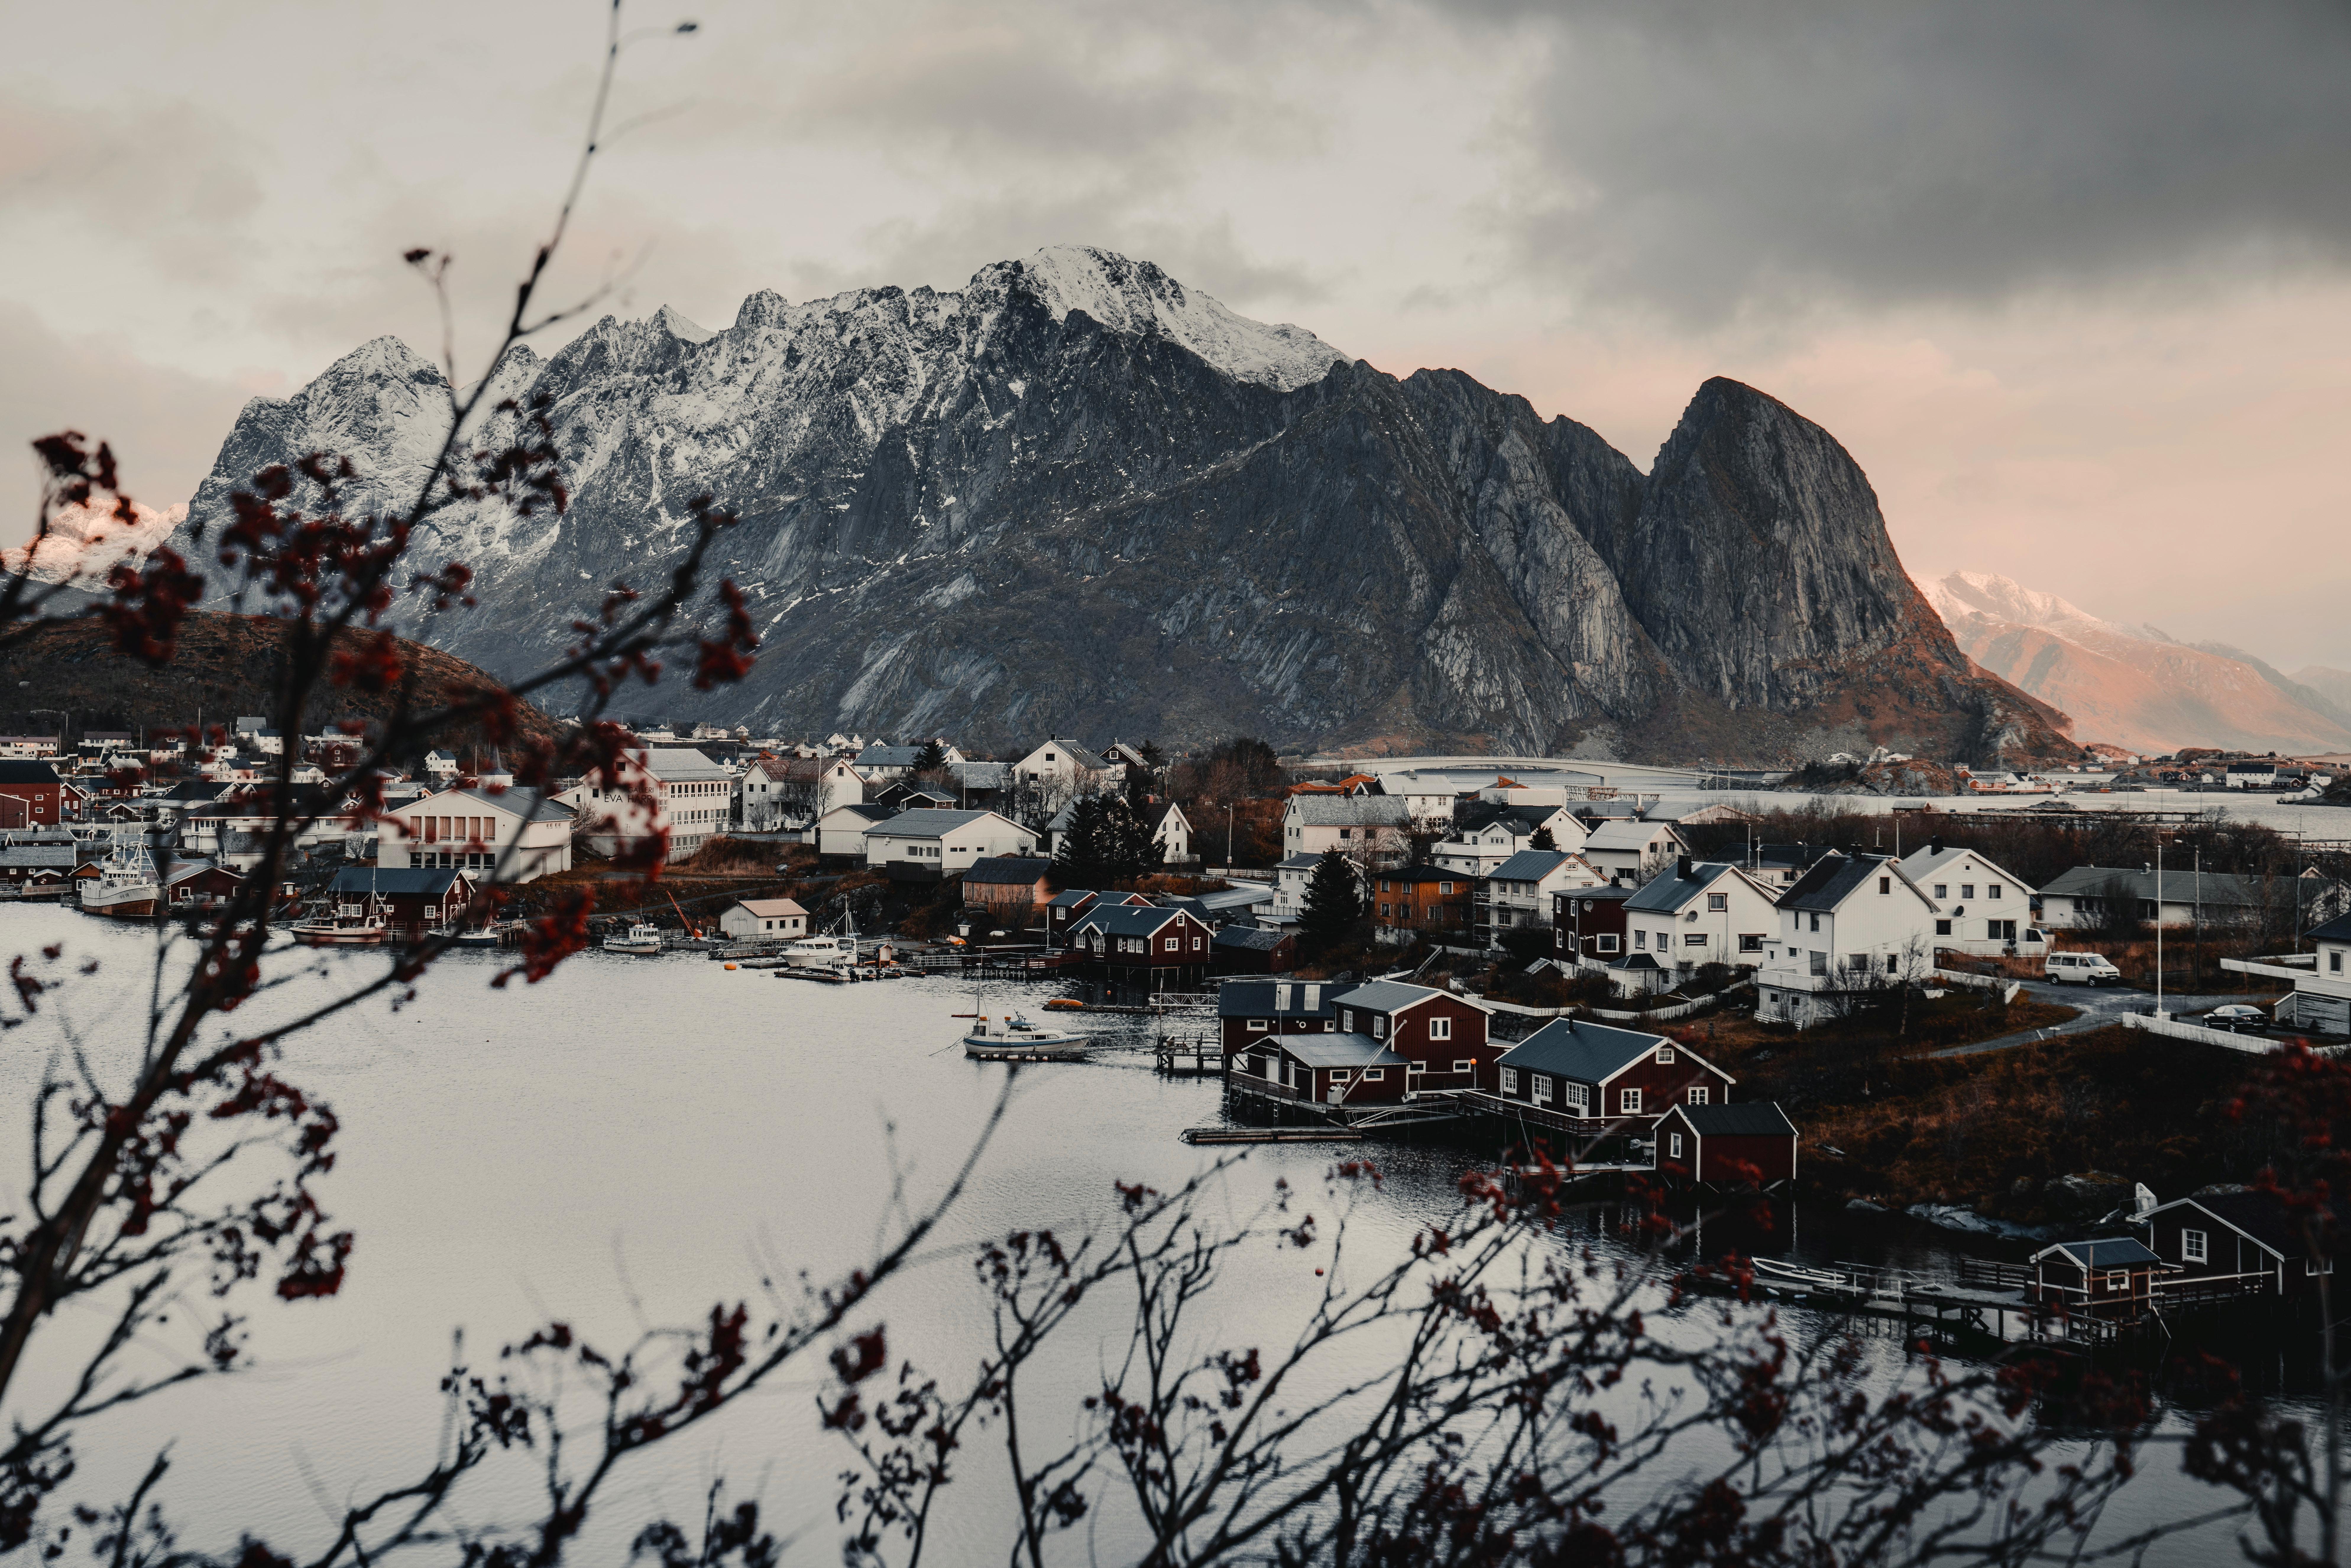 84804 Hintergrundbild herunterladen Landschaft, Natur, Häuser, Mountains, See - Bildschirmschoner und Bilder kostenlos